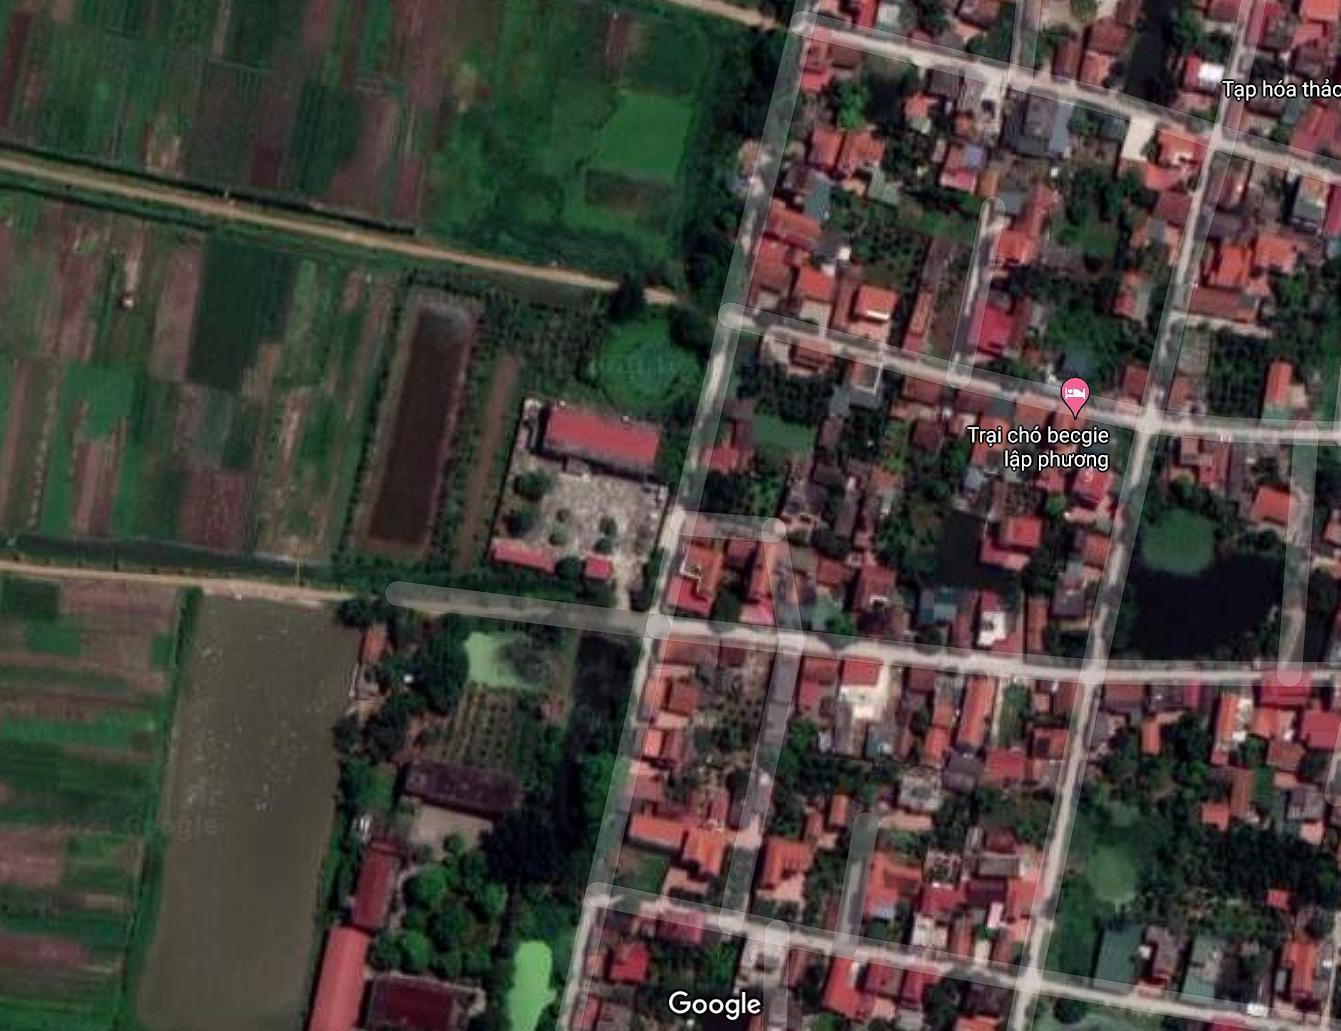 Đất dính quy hoạch ở xã Khai Thái, Phú Xuyên, Hà Nội - Ảnh 2.